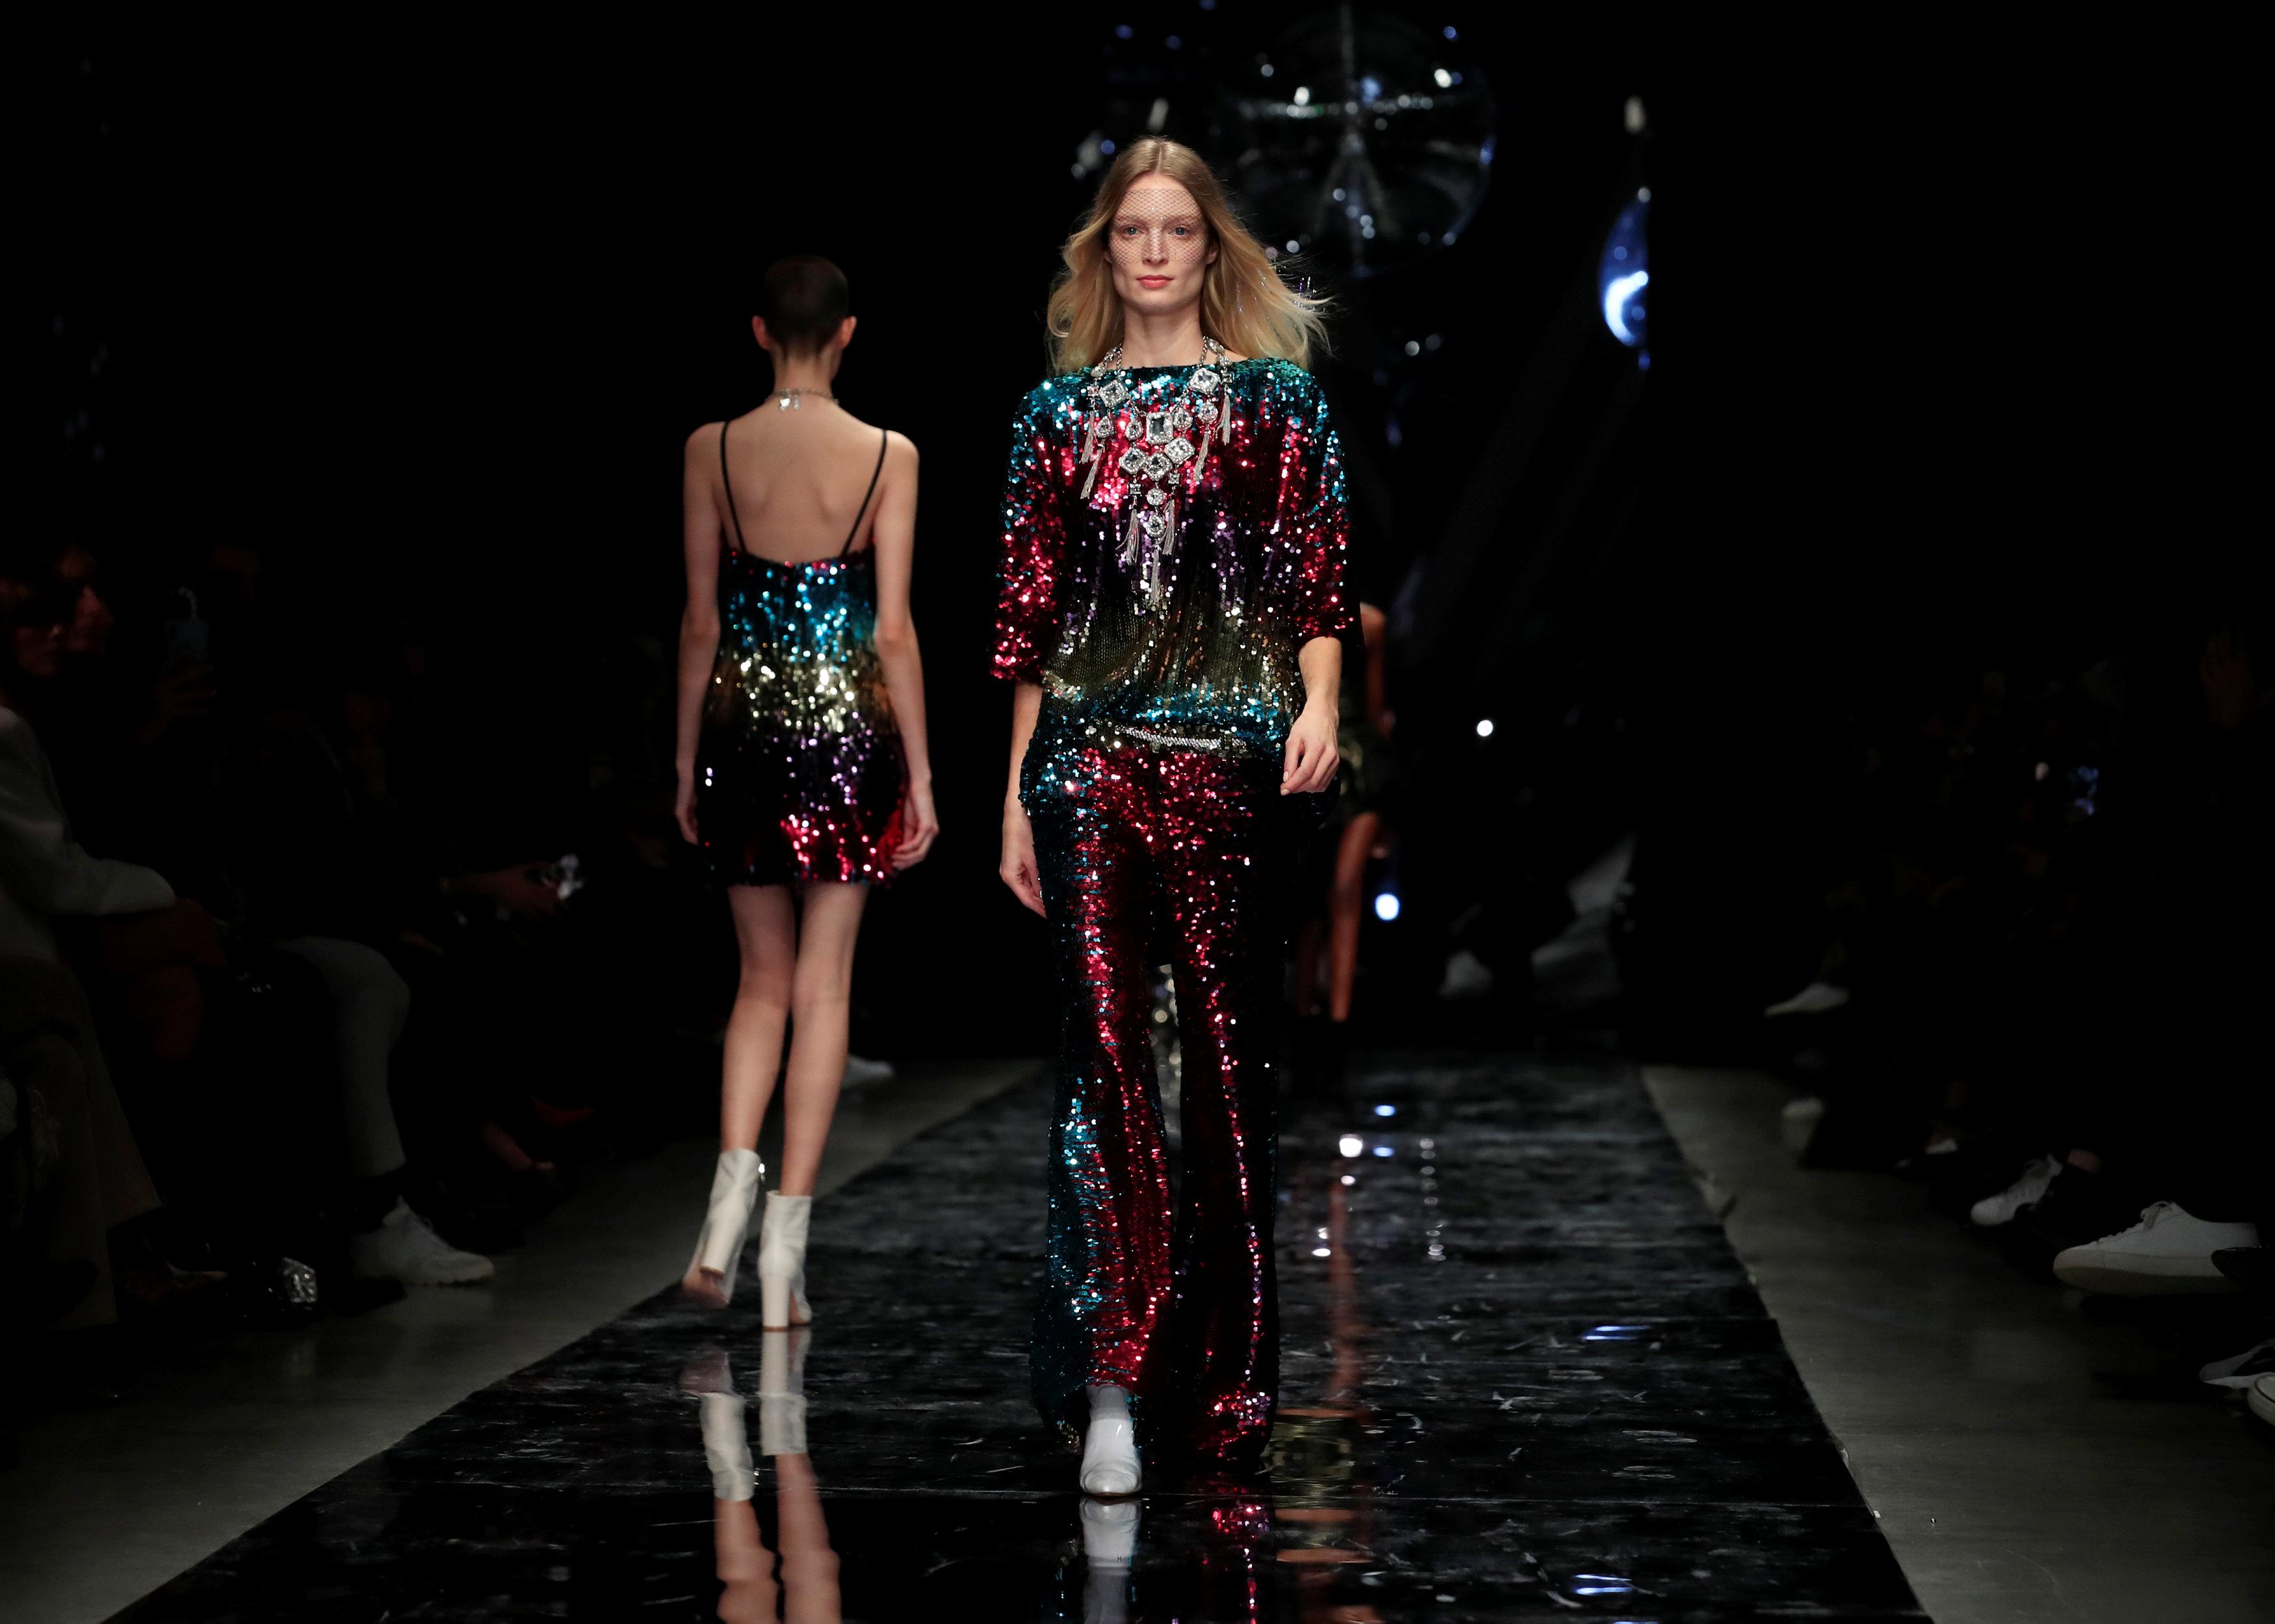 عرض أزياء ماكسيم سيمنز خلال أسبوع الموضة بباريس (13)